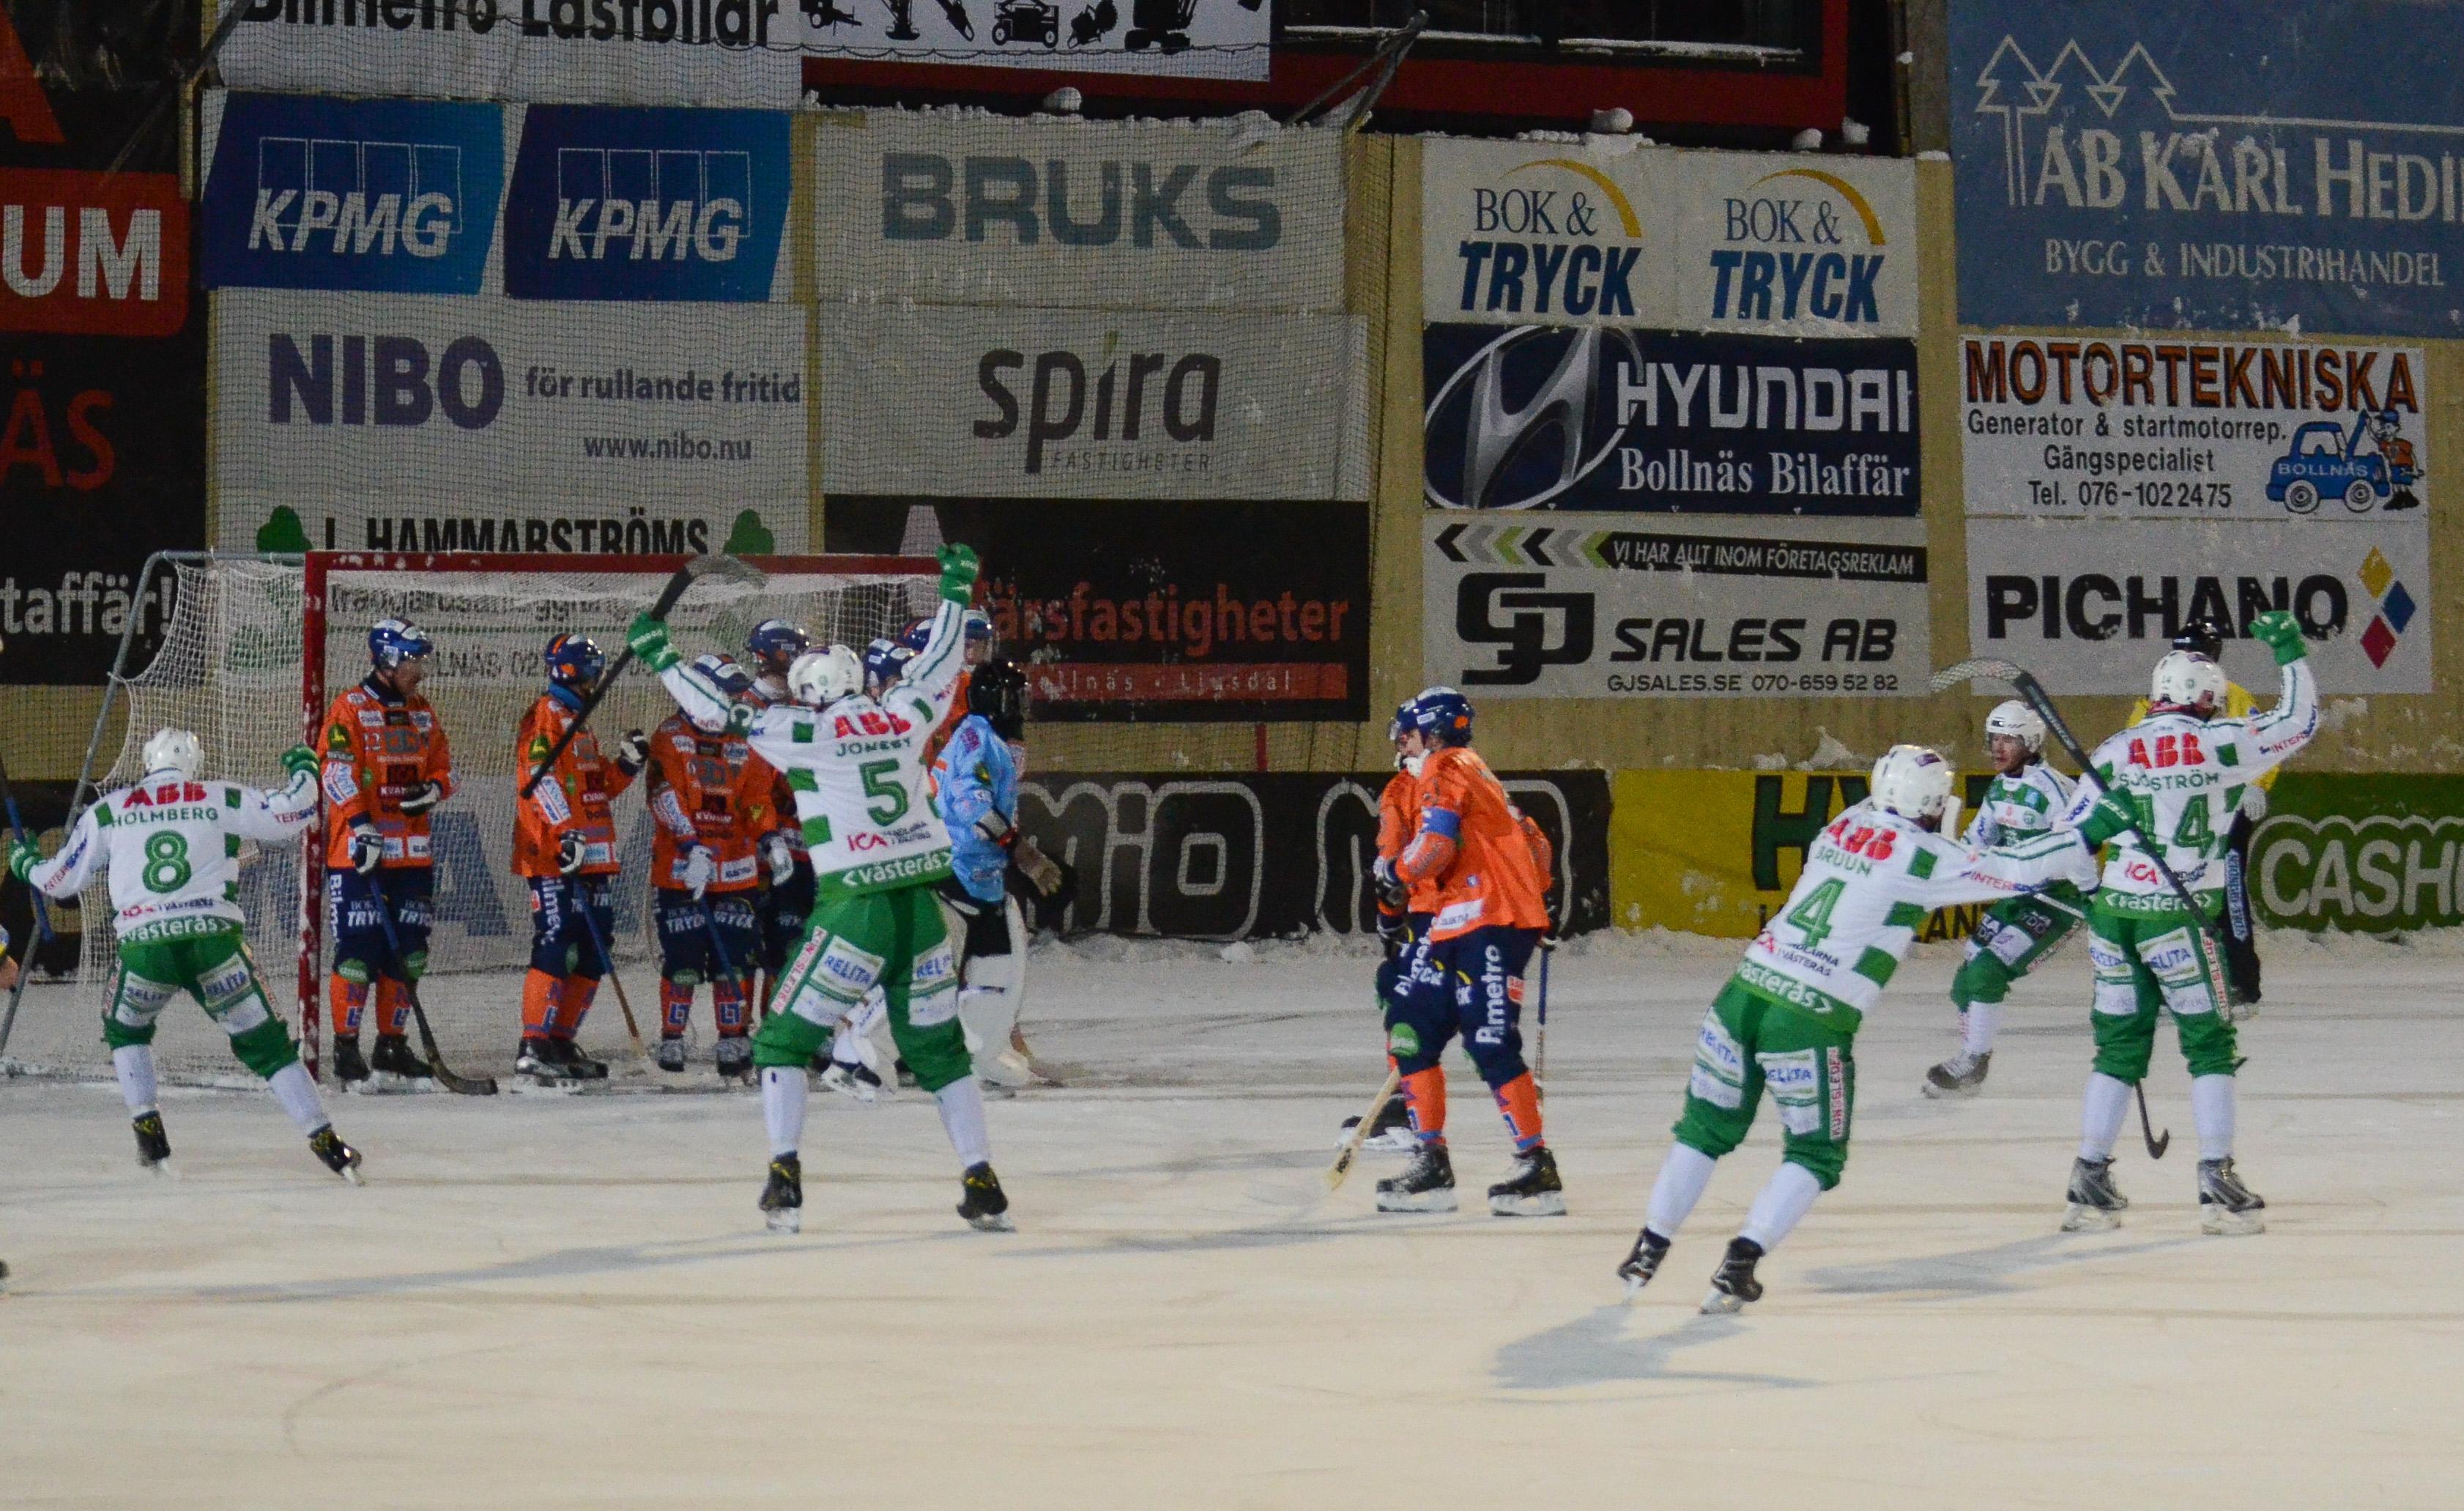 Patrik Sjöström kvitterar på hörna.